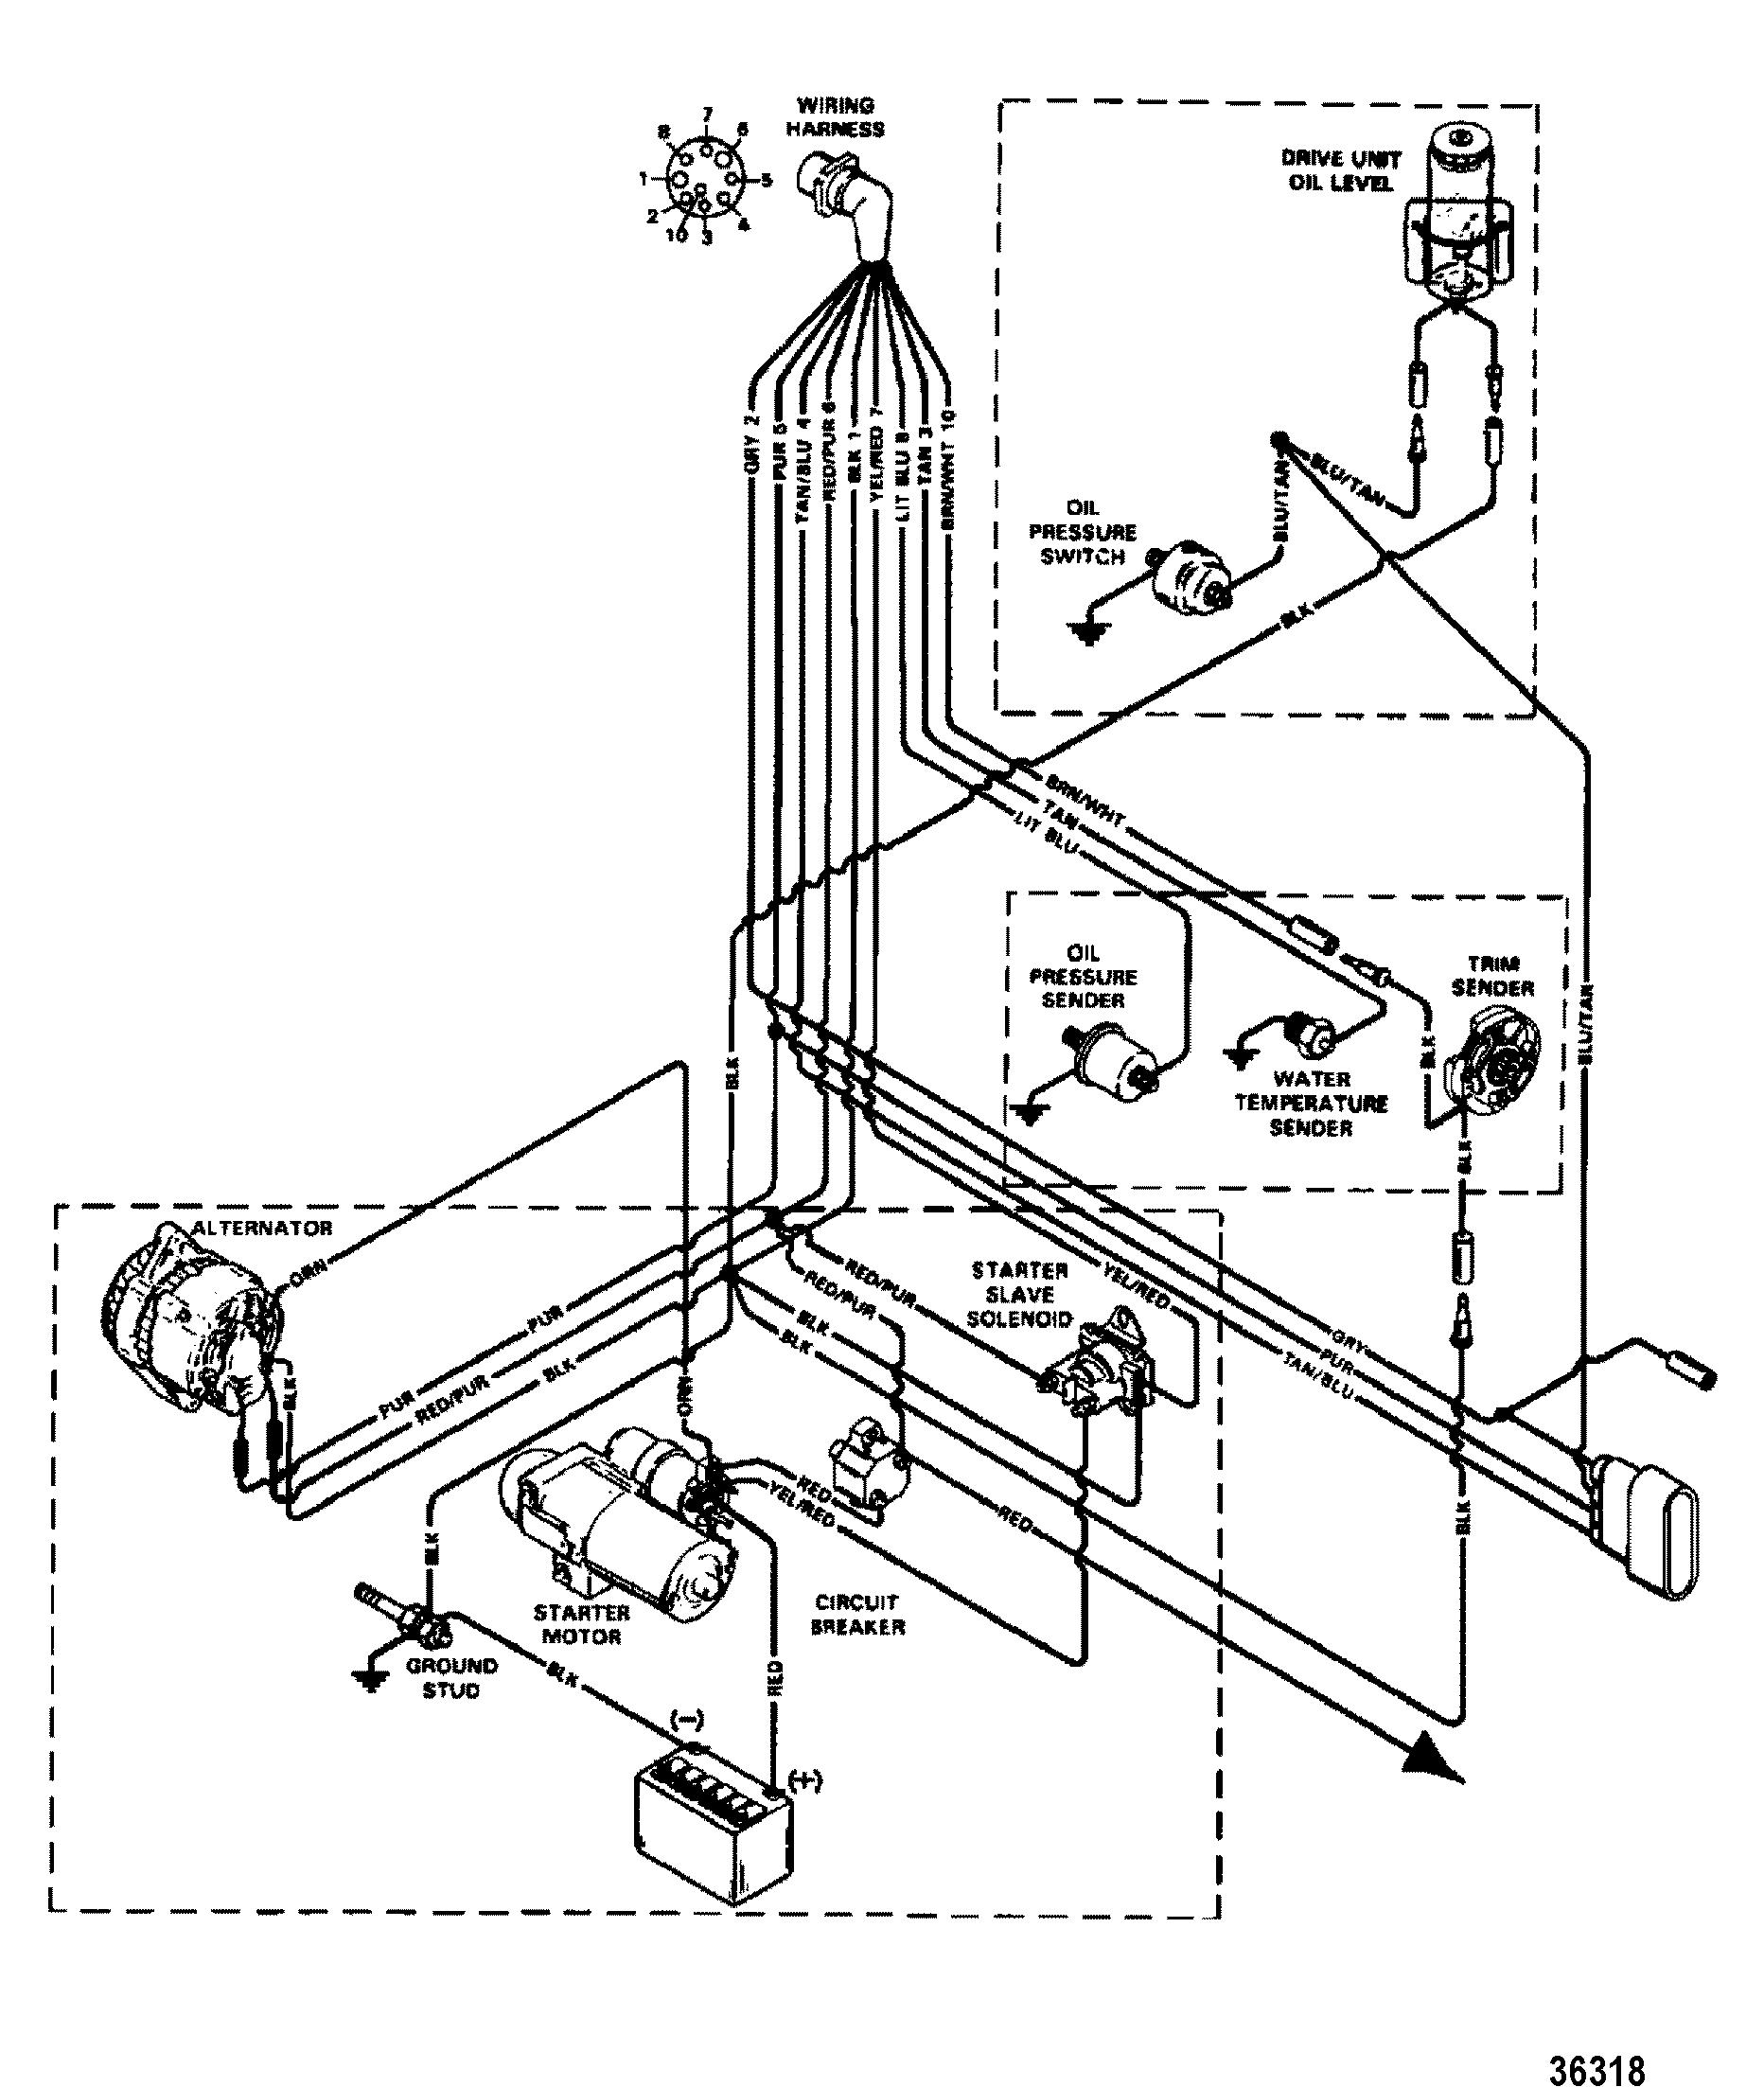 Fl 2330 Wiring Diagram Mercruiser 470 Wiring Diagram